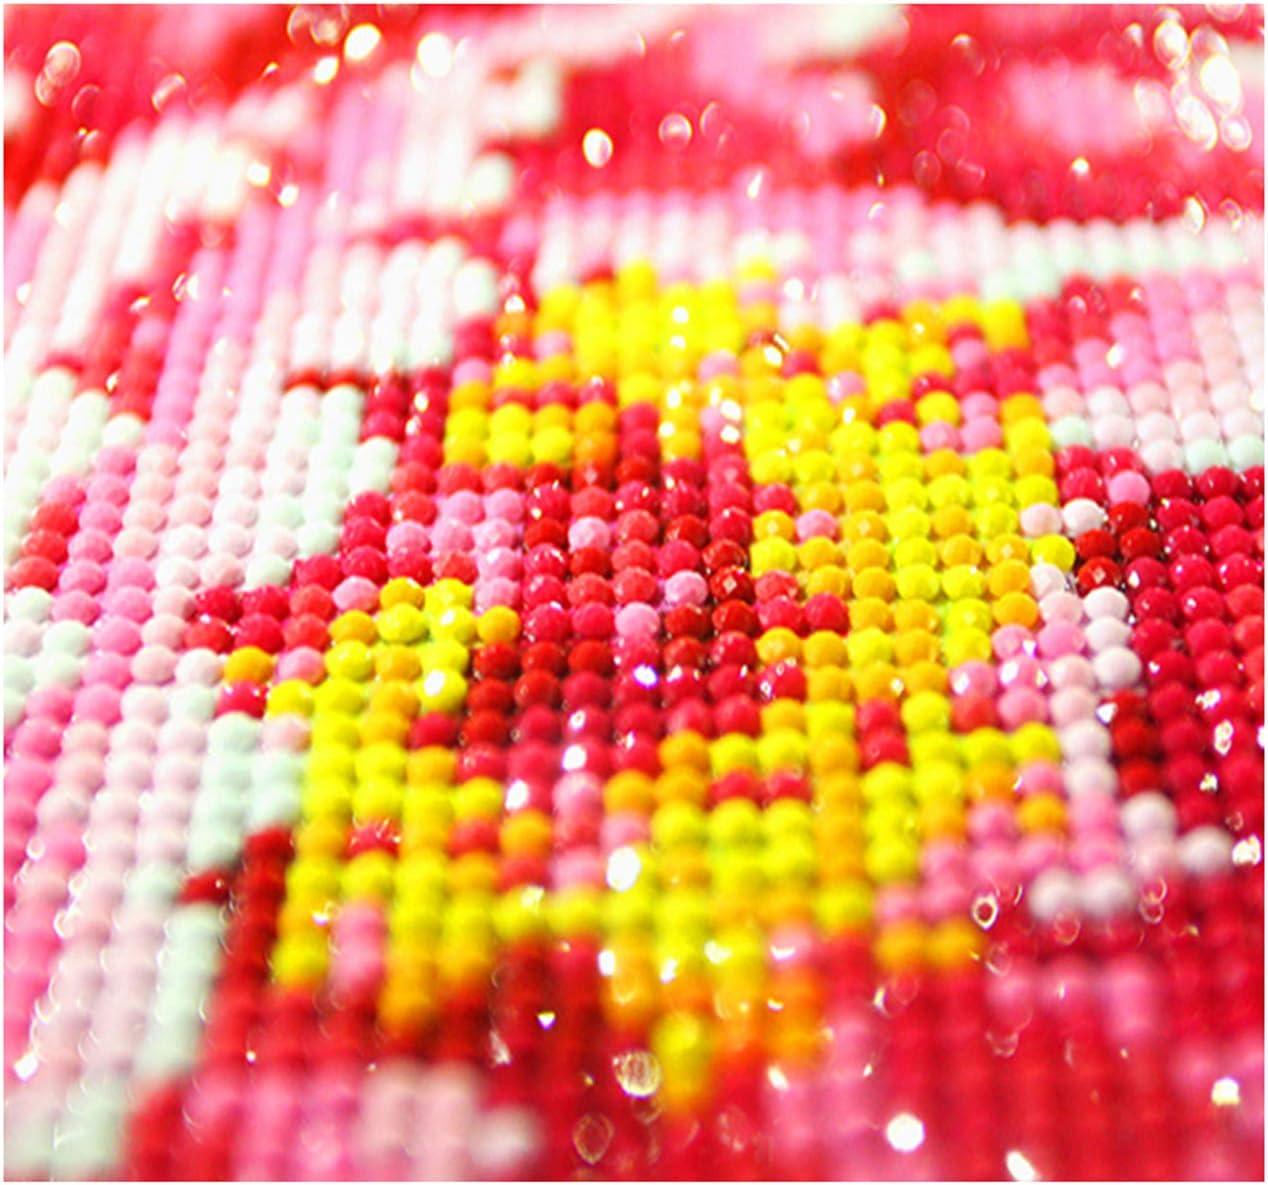 Broderie Diamant Kit Complet,Sports Cristiano Ronaldo Peinture Sur Toile Salle D/écoration Bricolage Plein Carr/é Diamant Broderie Diamant Peinture Diamant Mosa/ïque 30x40cm